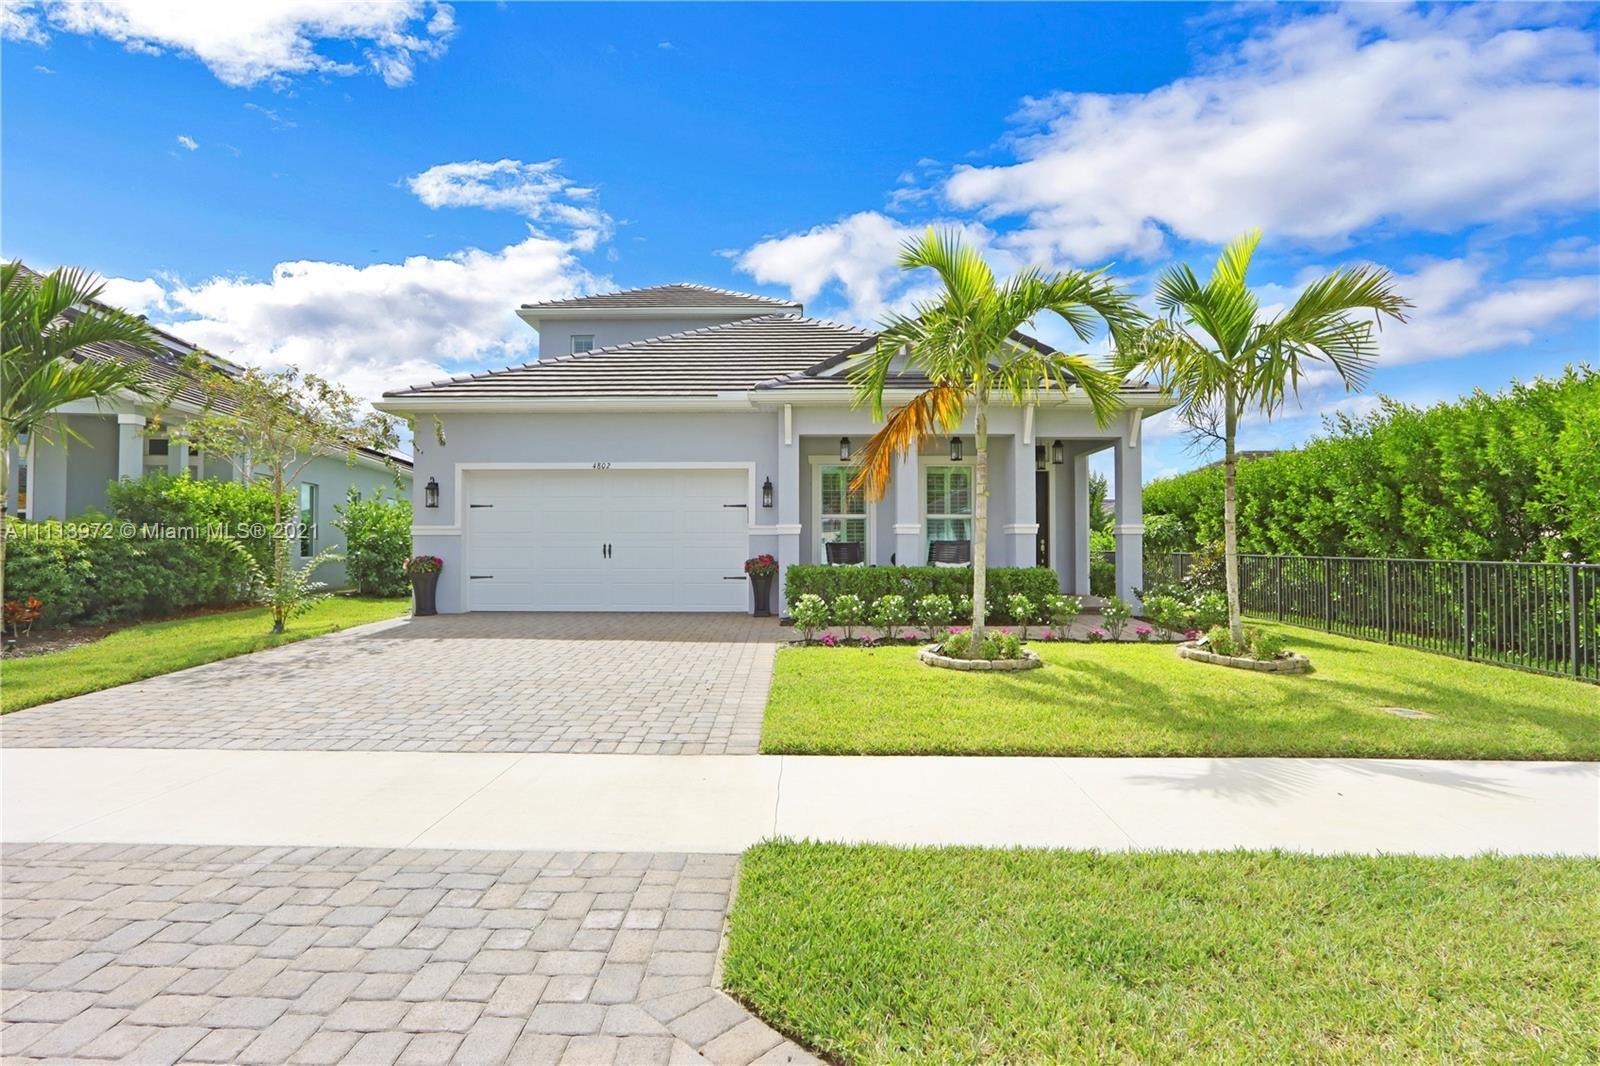 Photo of 4802 SW Millbrook Ln, Stuart, FL 34997 (MLS # A11113972)